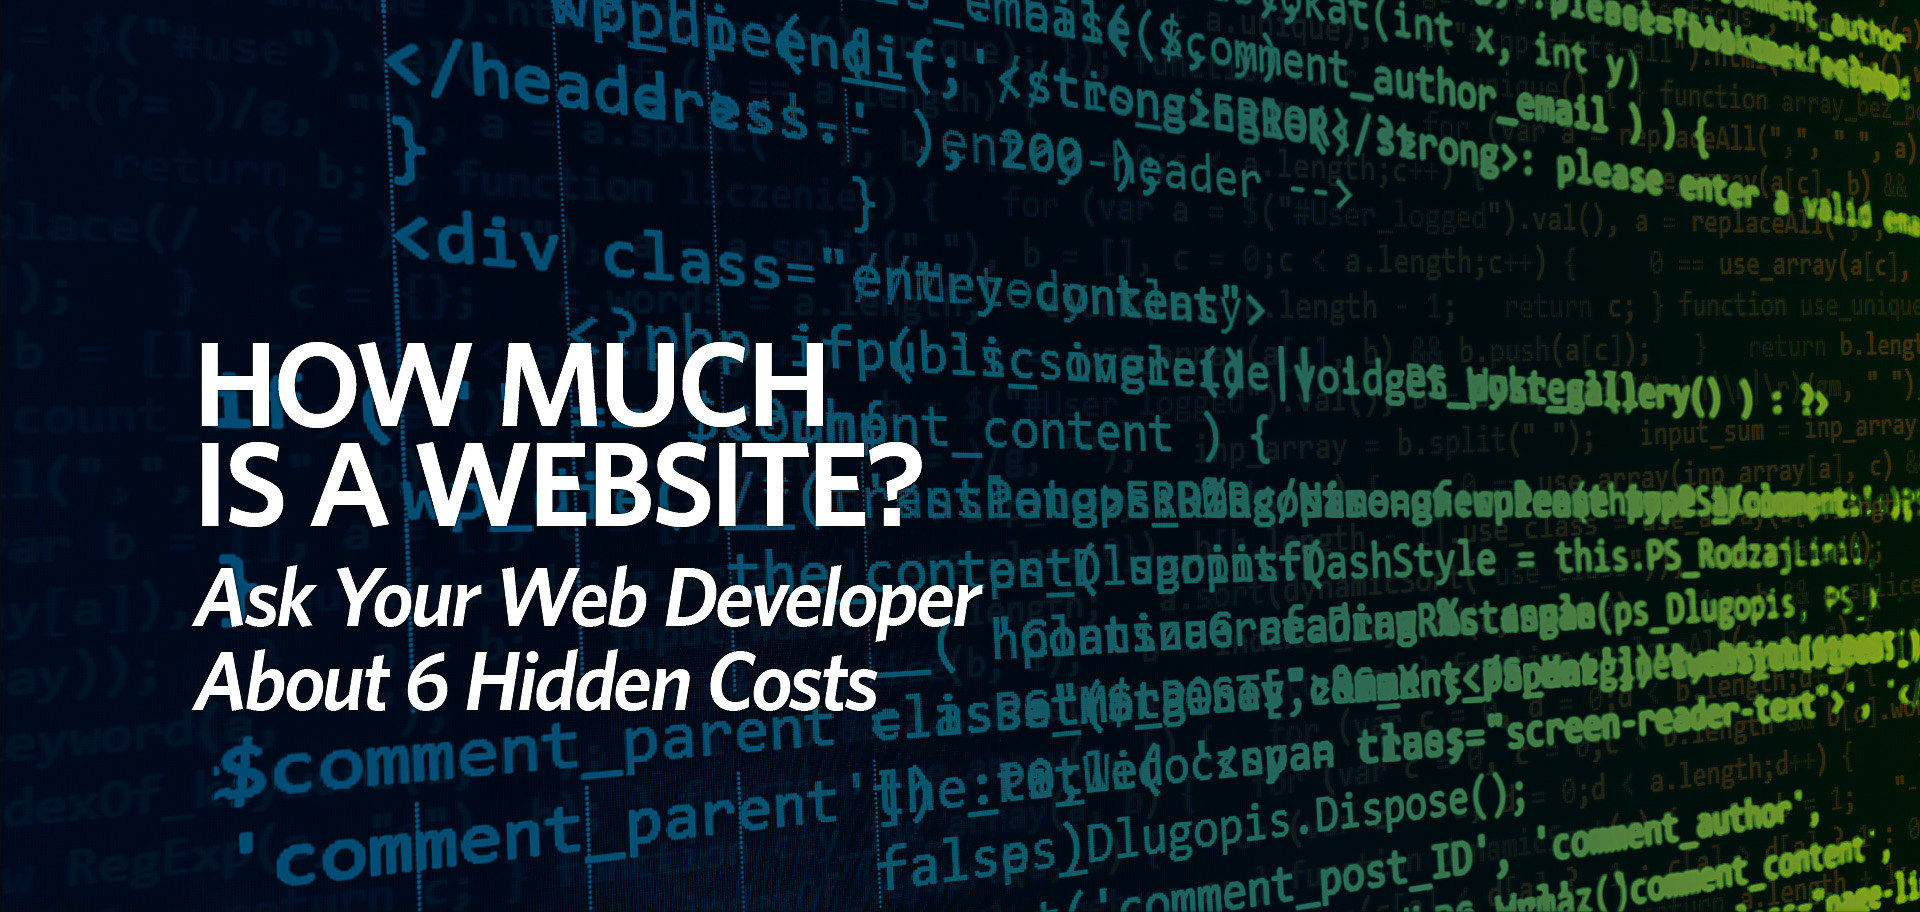 web developer, how much is a website, hidden costs of websites, Kettle Fire Creative blog web developer How Much is a Website? Ask Your Web Developer About 6 Hidden Costs webcosts fi